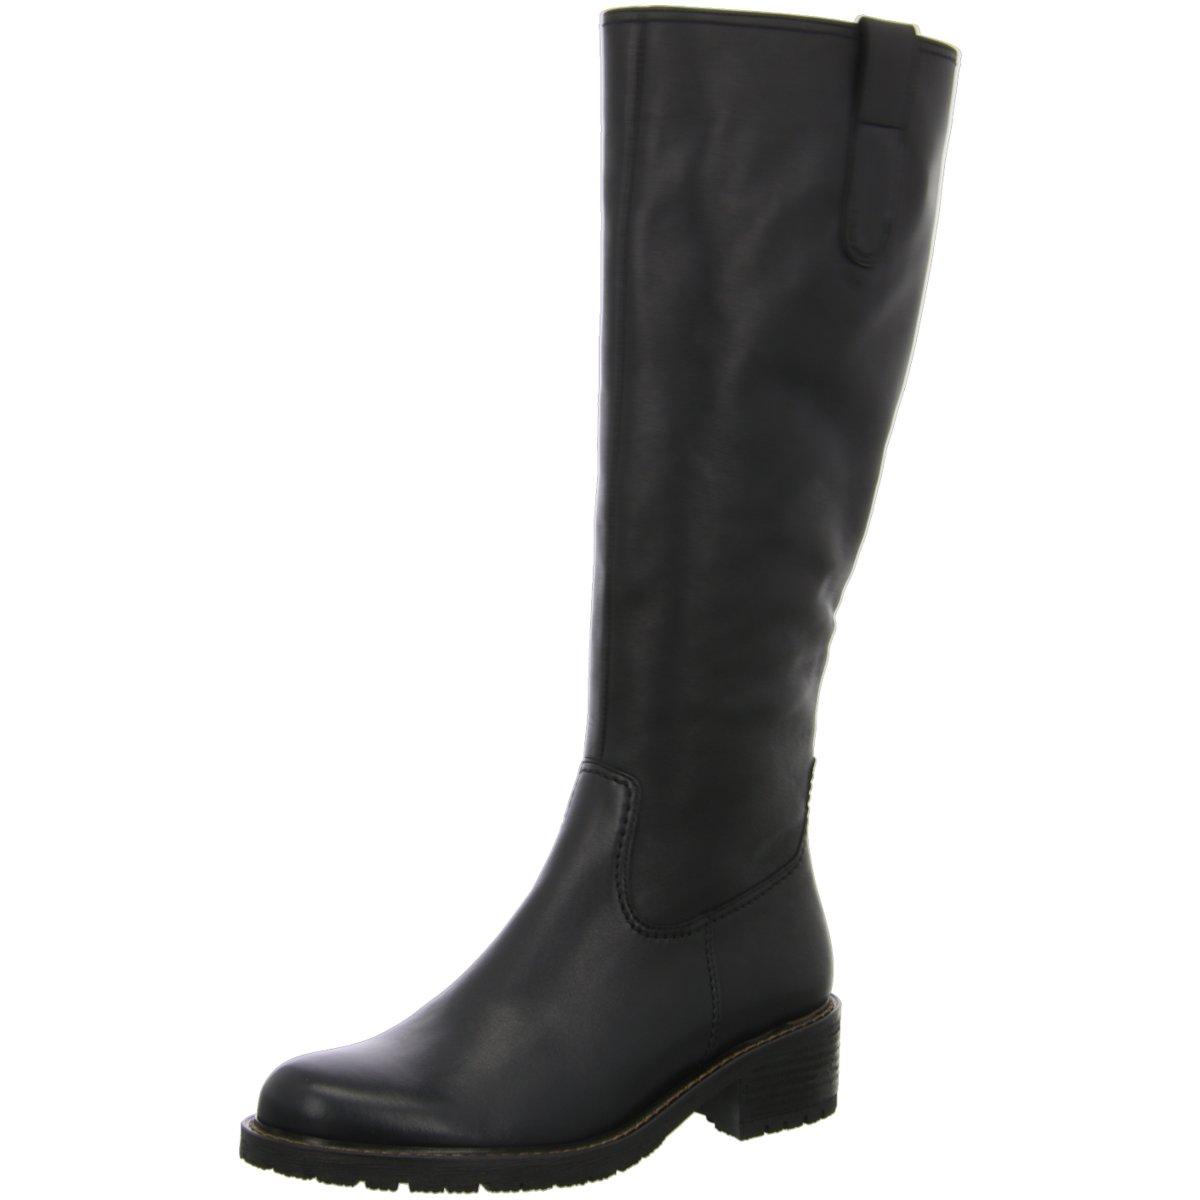 Details zu Gabor Damen Stiefel Schaftweite L 96.097.57 36.097.57 schwarz 345677